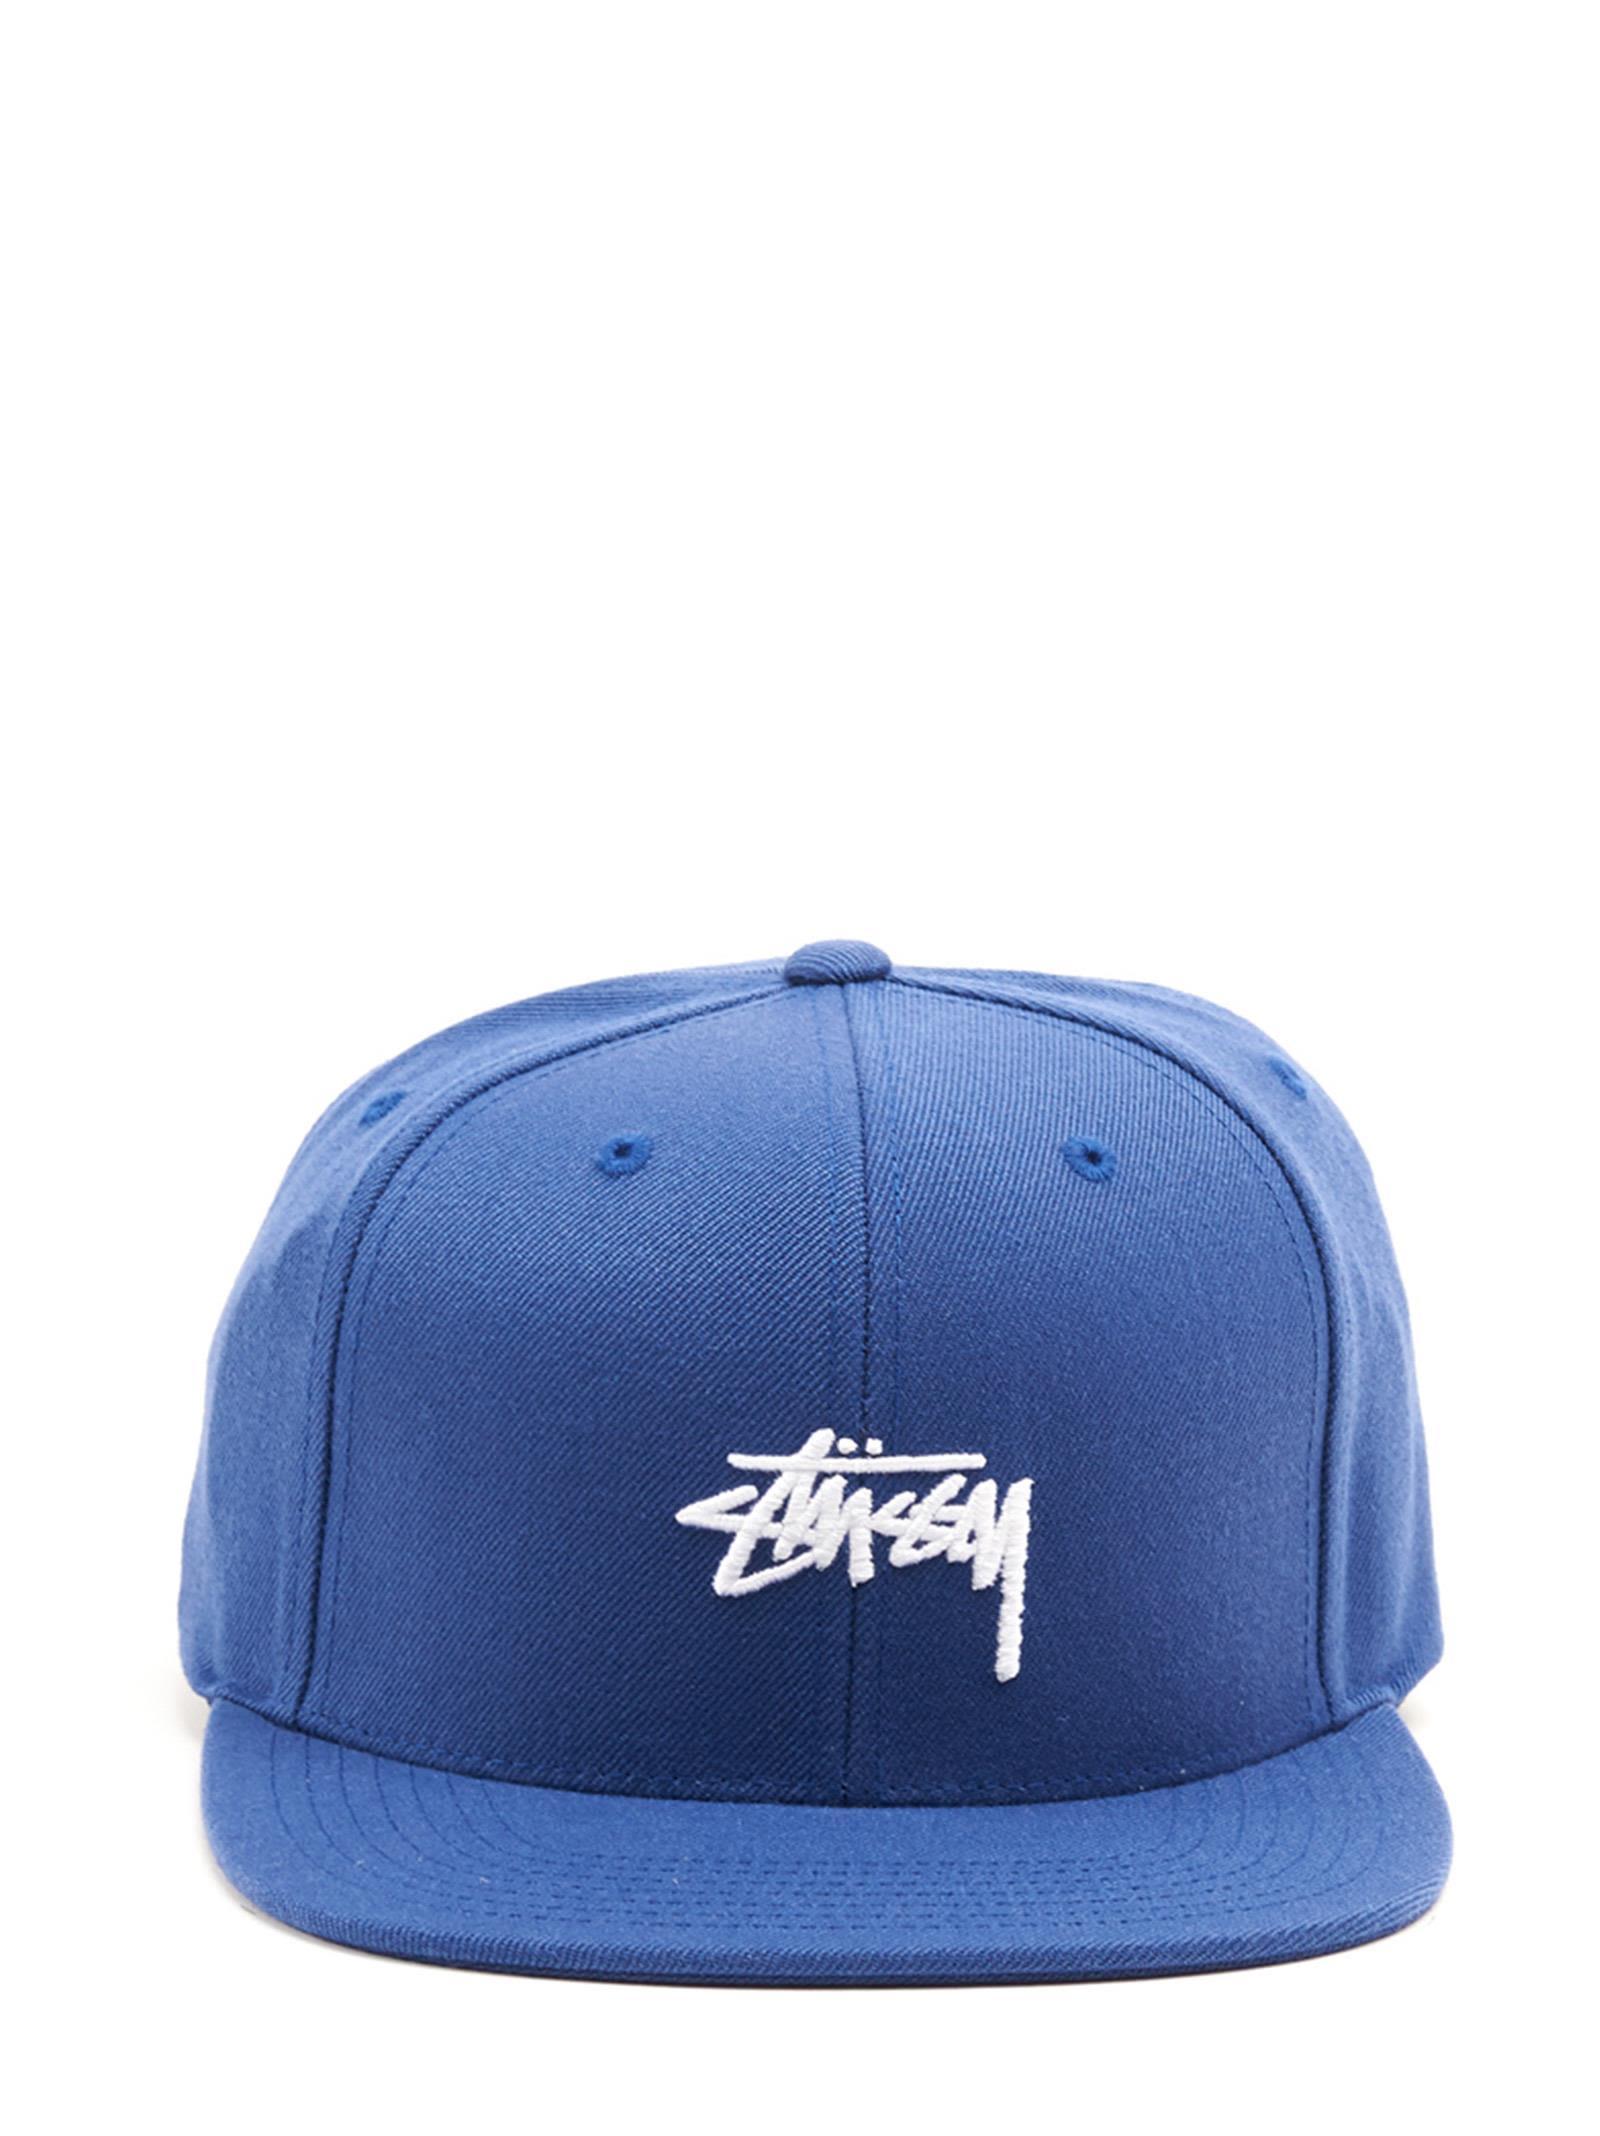 Stussy Stussy Cap - Blue - 10749685  57dd46d565f